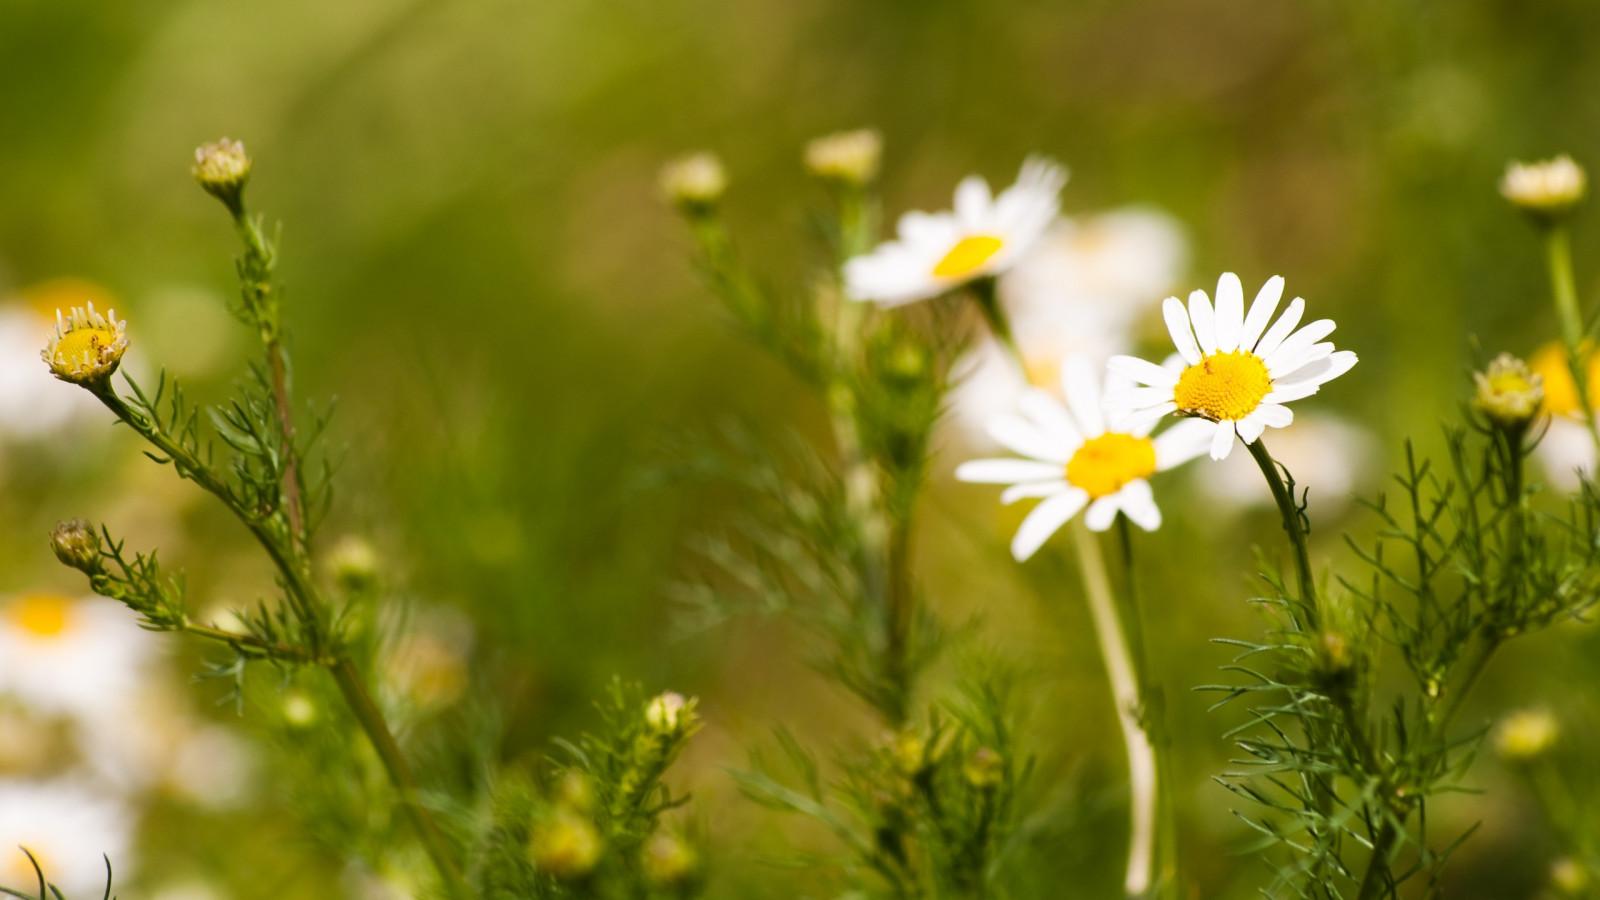 Wallpaper Sinar Matahari Bunga Bunga Alam Bidang Hijau Kuning Mekar Bunga Aster Padang Rumput Menanam Flora Bunga Liar Halaman Rumput Botani Tanaman Tanah Tanaman Berbunga Merapatkan Fotografi Makro Keluarga Rumput Keluarga Daisy